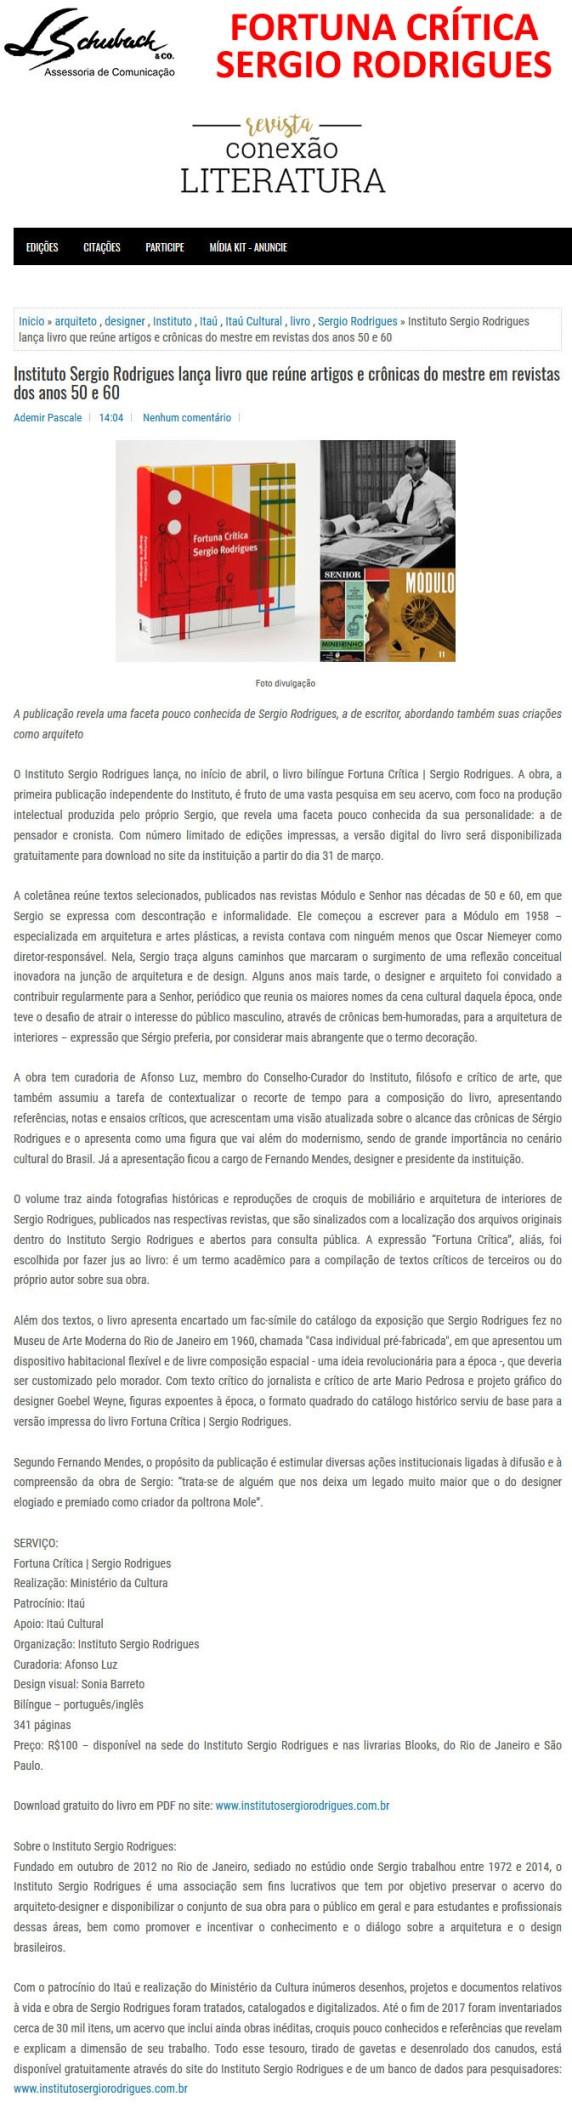 FORTUNA CRÍTICA SERGIO RODRIGUES no site da revista Conexão Literatura em 27 de março de 2018